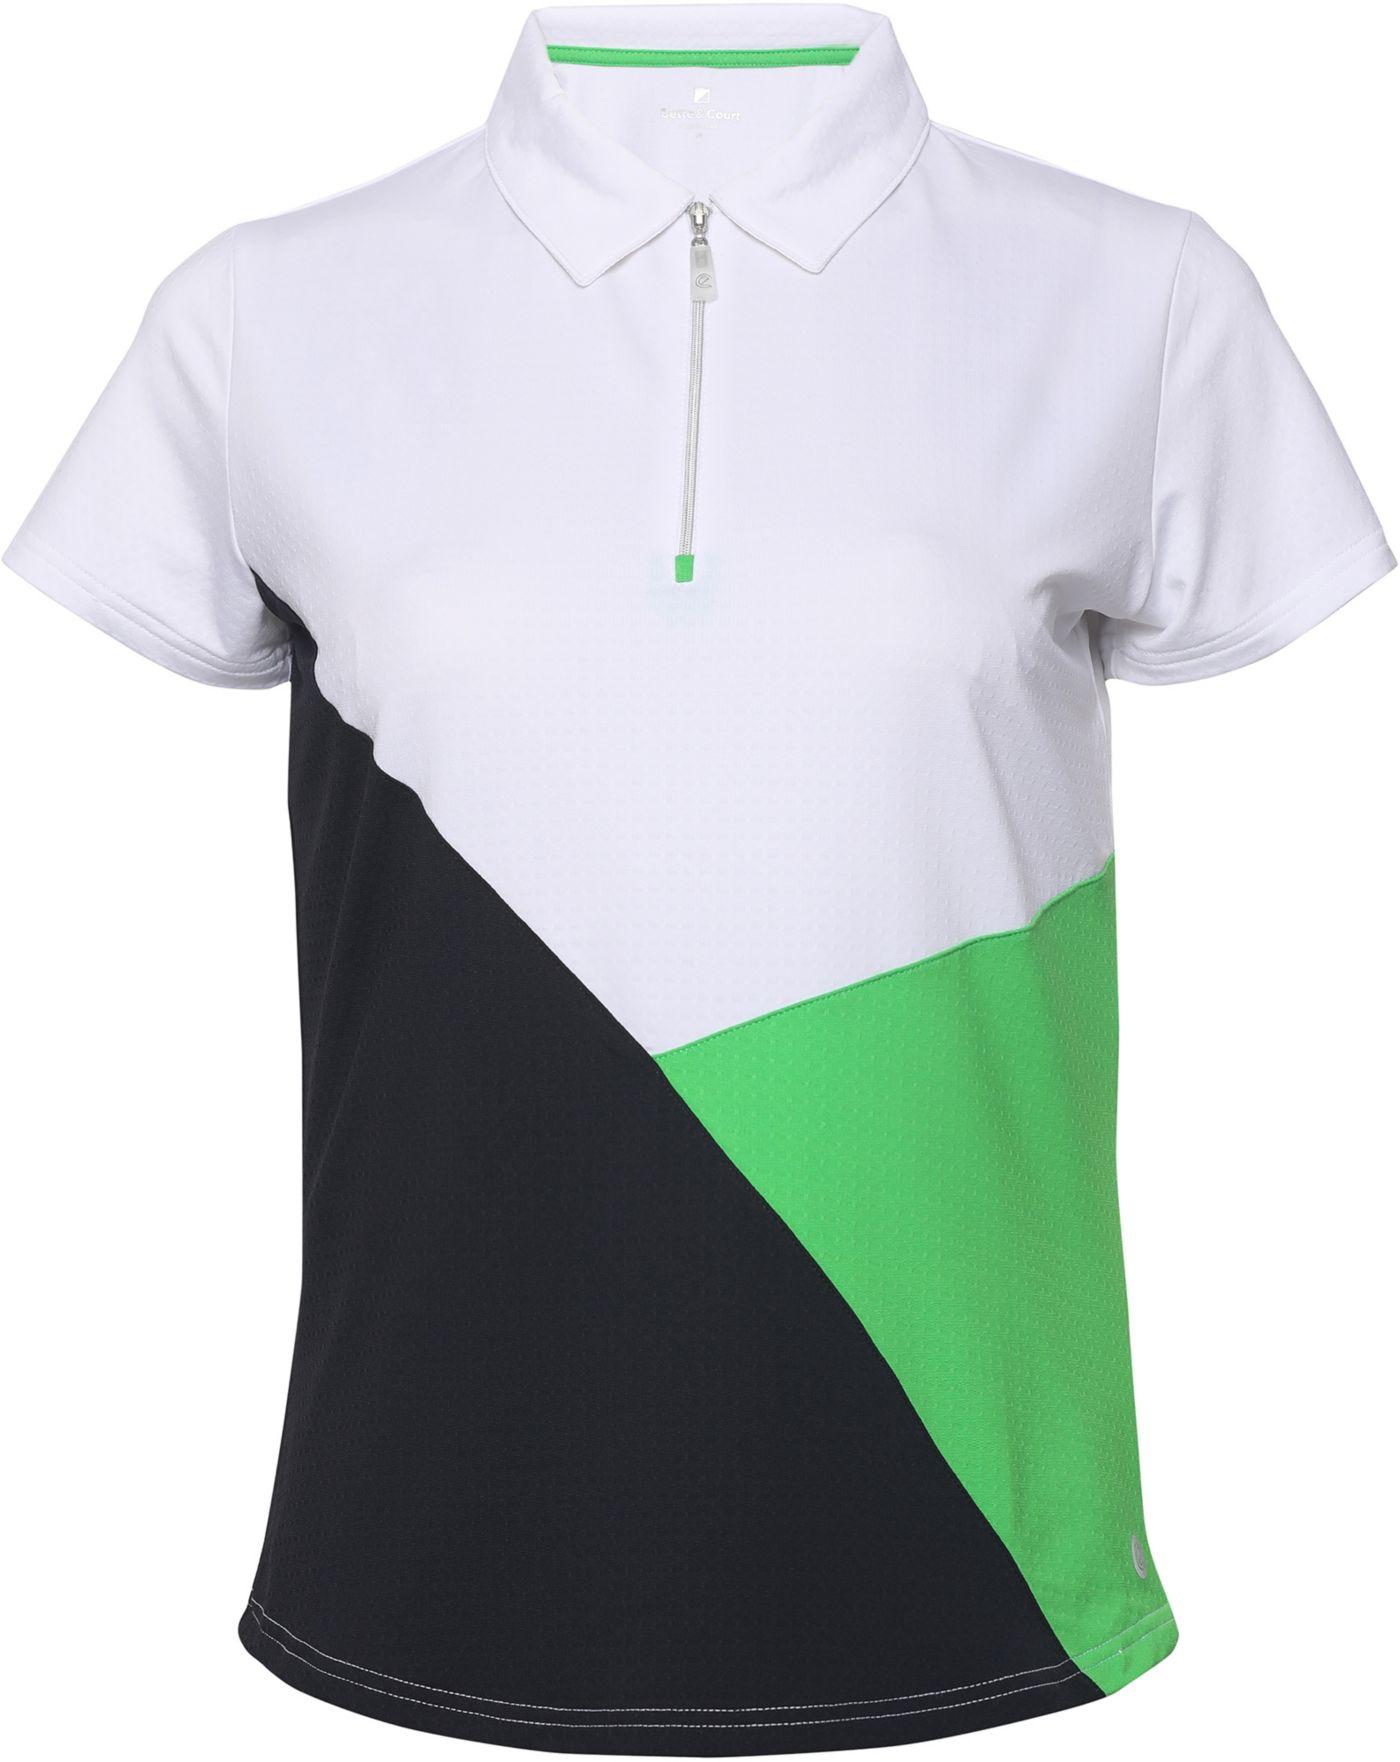 Bette & Court Women's Blithe Short Sleeve Golf Polo